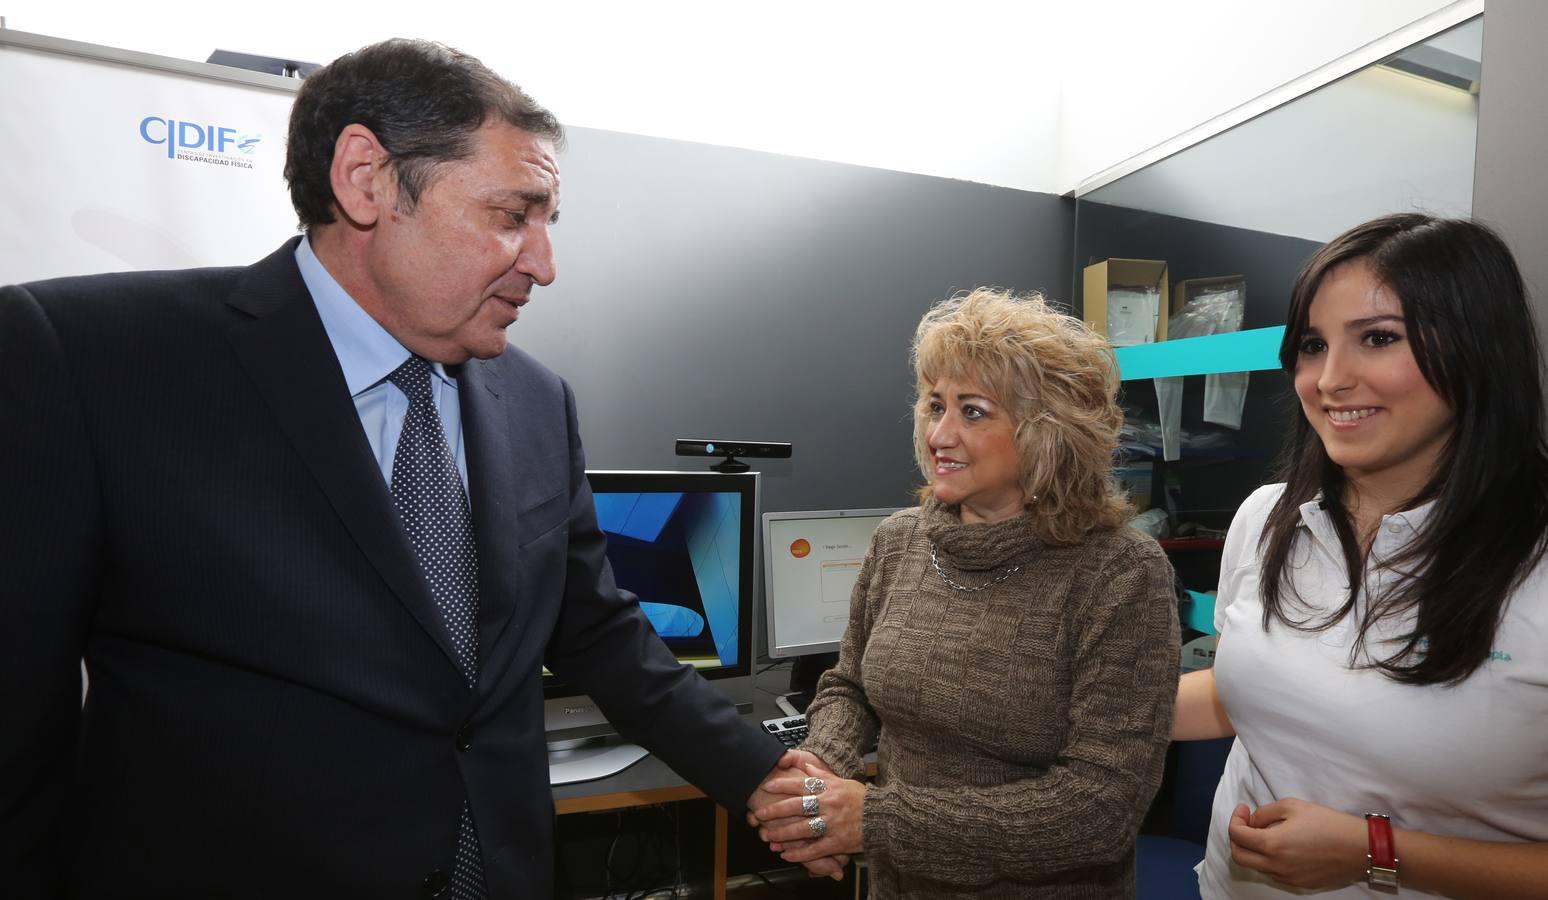 El consejero de Sanidad, Antonio María Sáez Aguado, visita las instalaciones de Aspaym. Valladolid